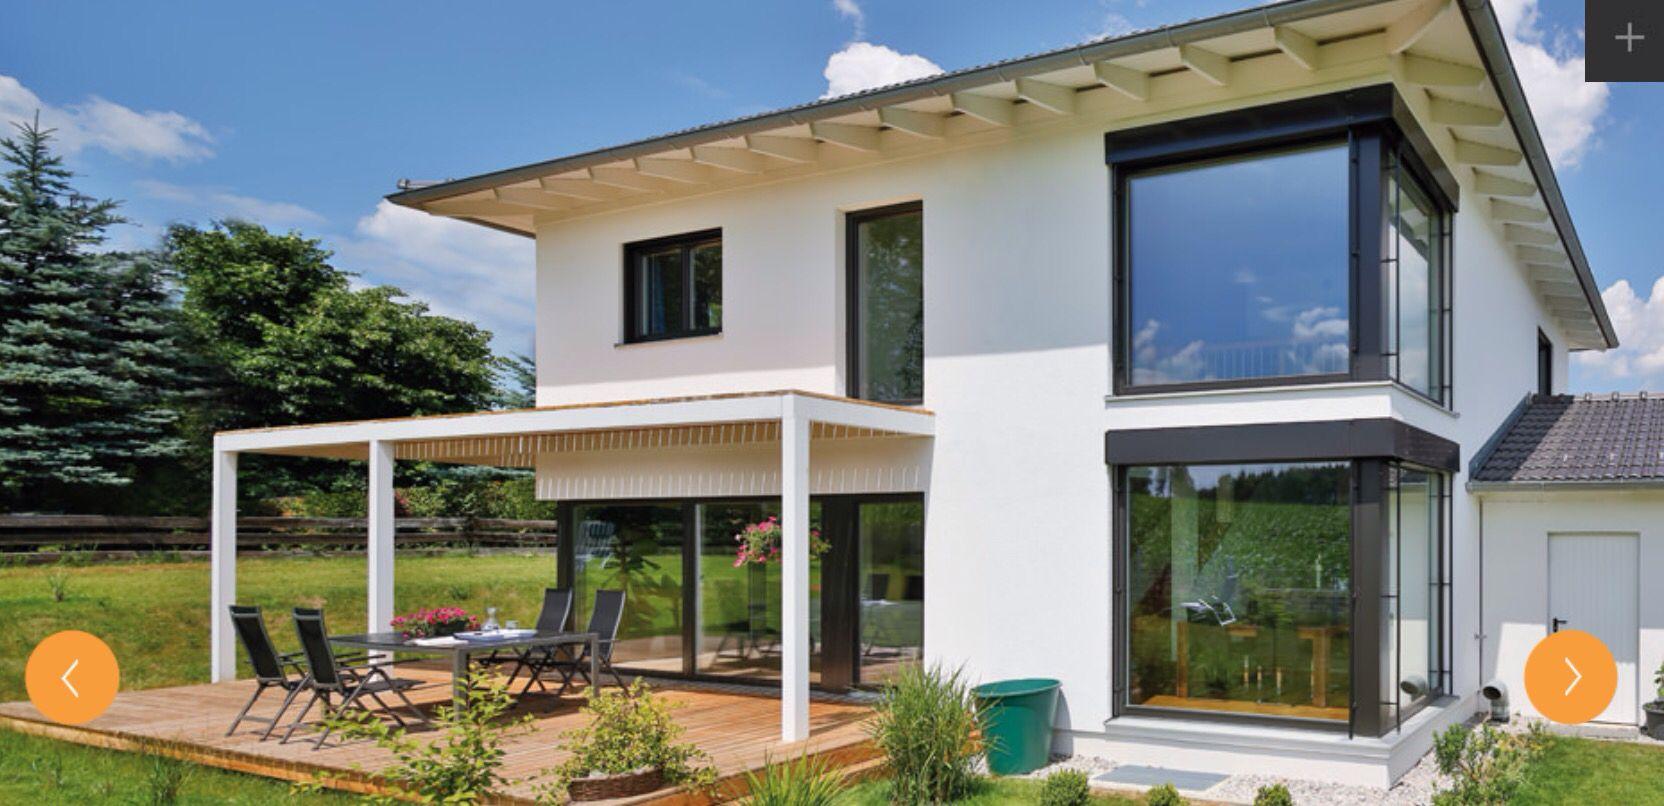 wimpelkette garten und terrasse podest terrassenanschluss garten terrasse pinterest. Black Bedroom Furniture Sets. Home Design Ideas